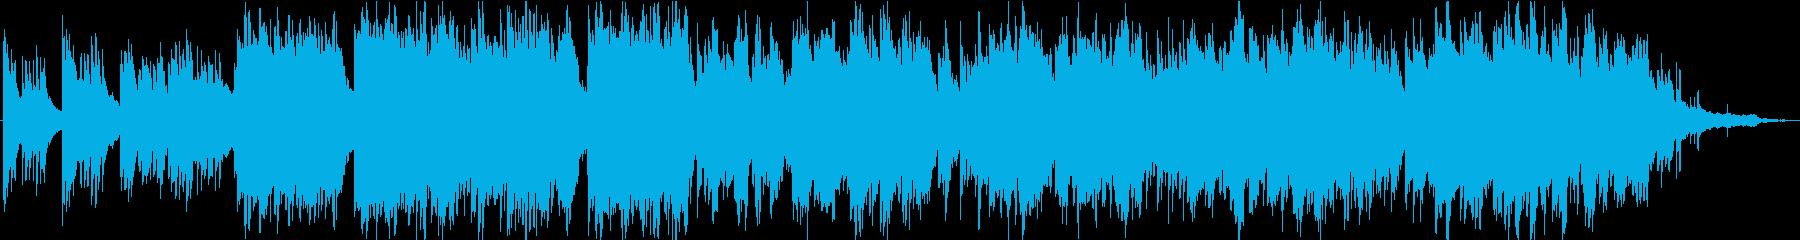 弦とピアノのゆったりとしたオーケストラの再生済みの波形